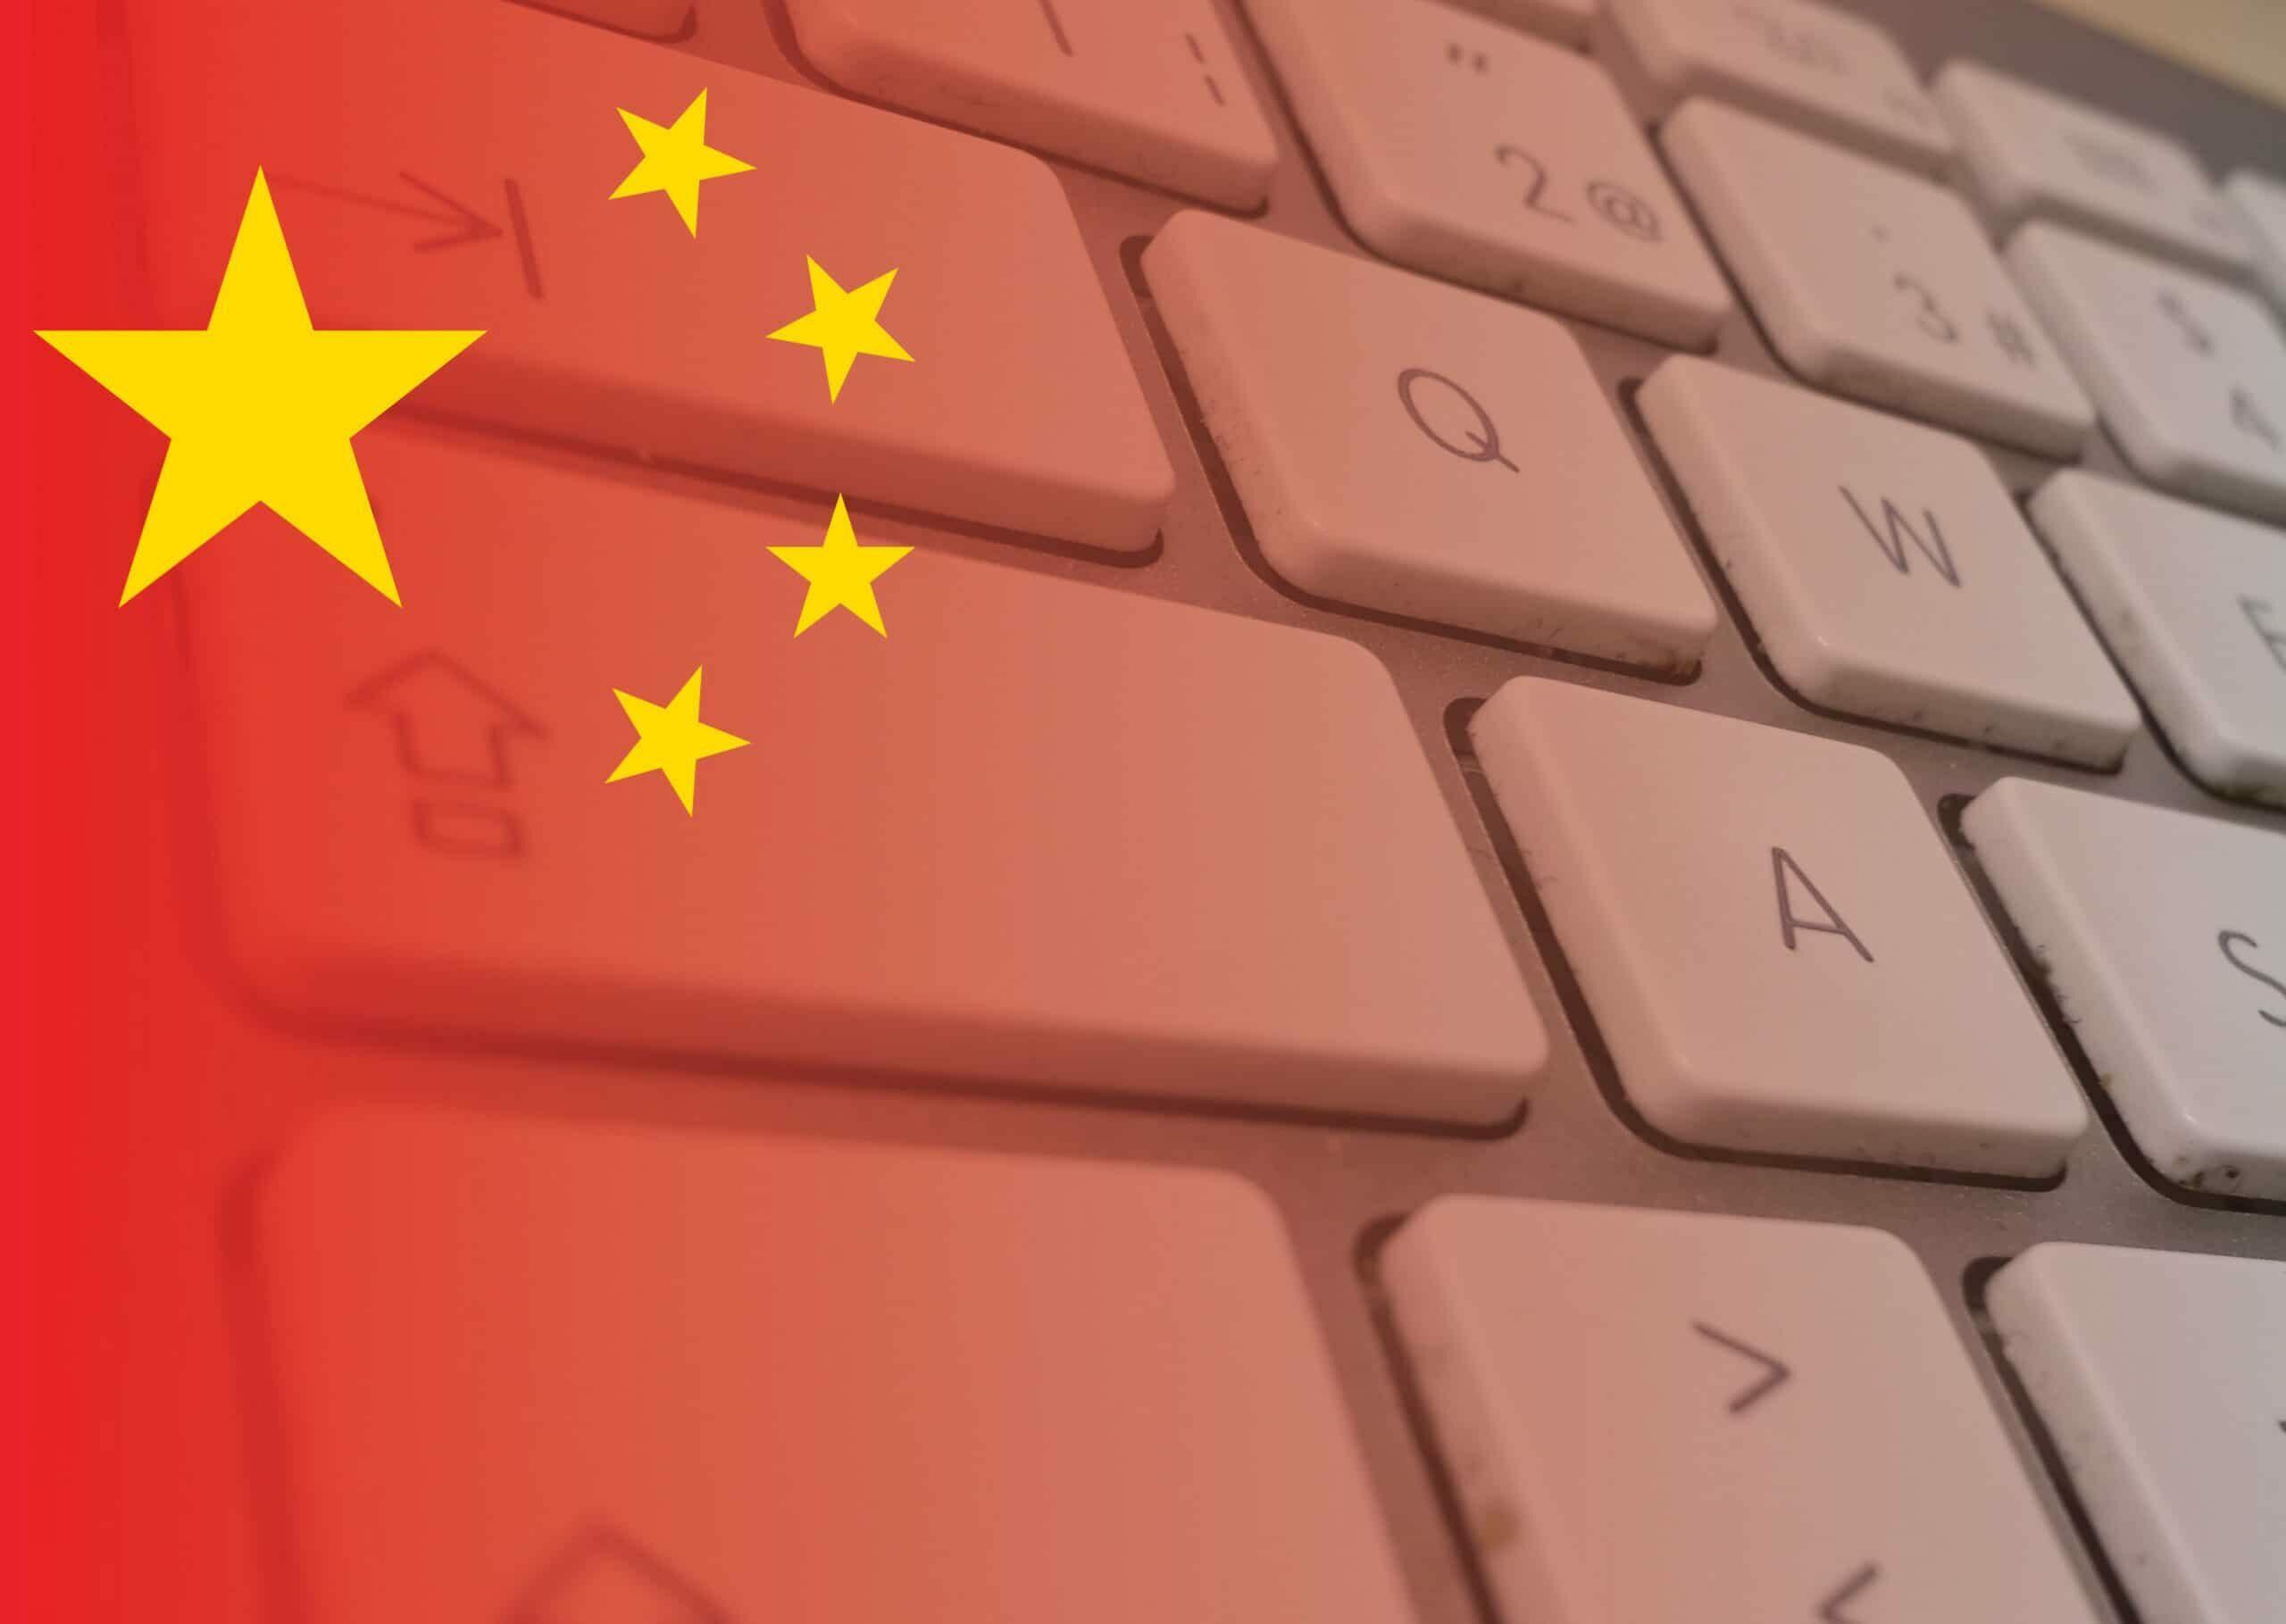 transkrypcja języka chińskiego